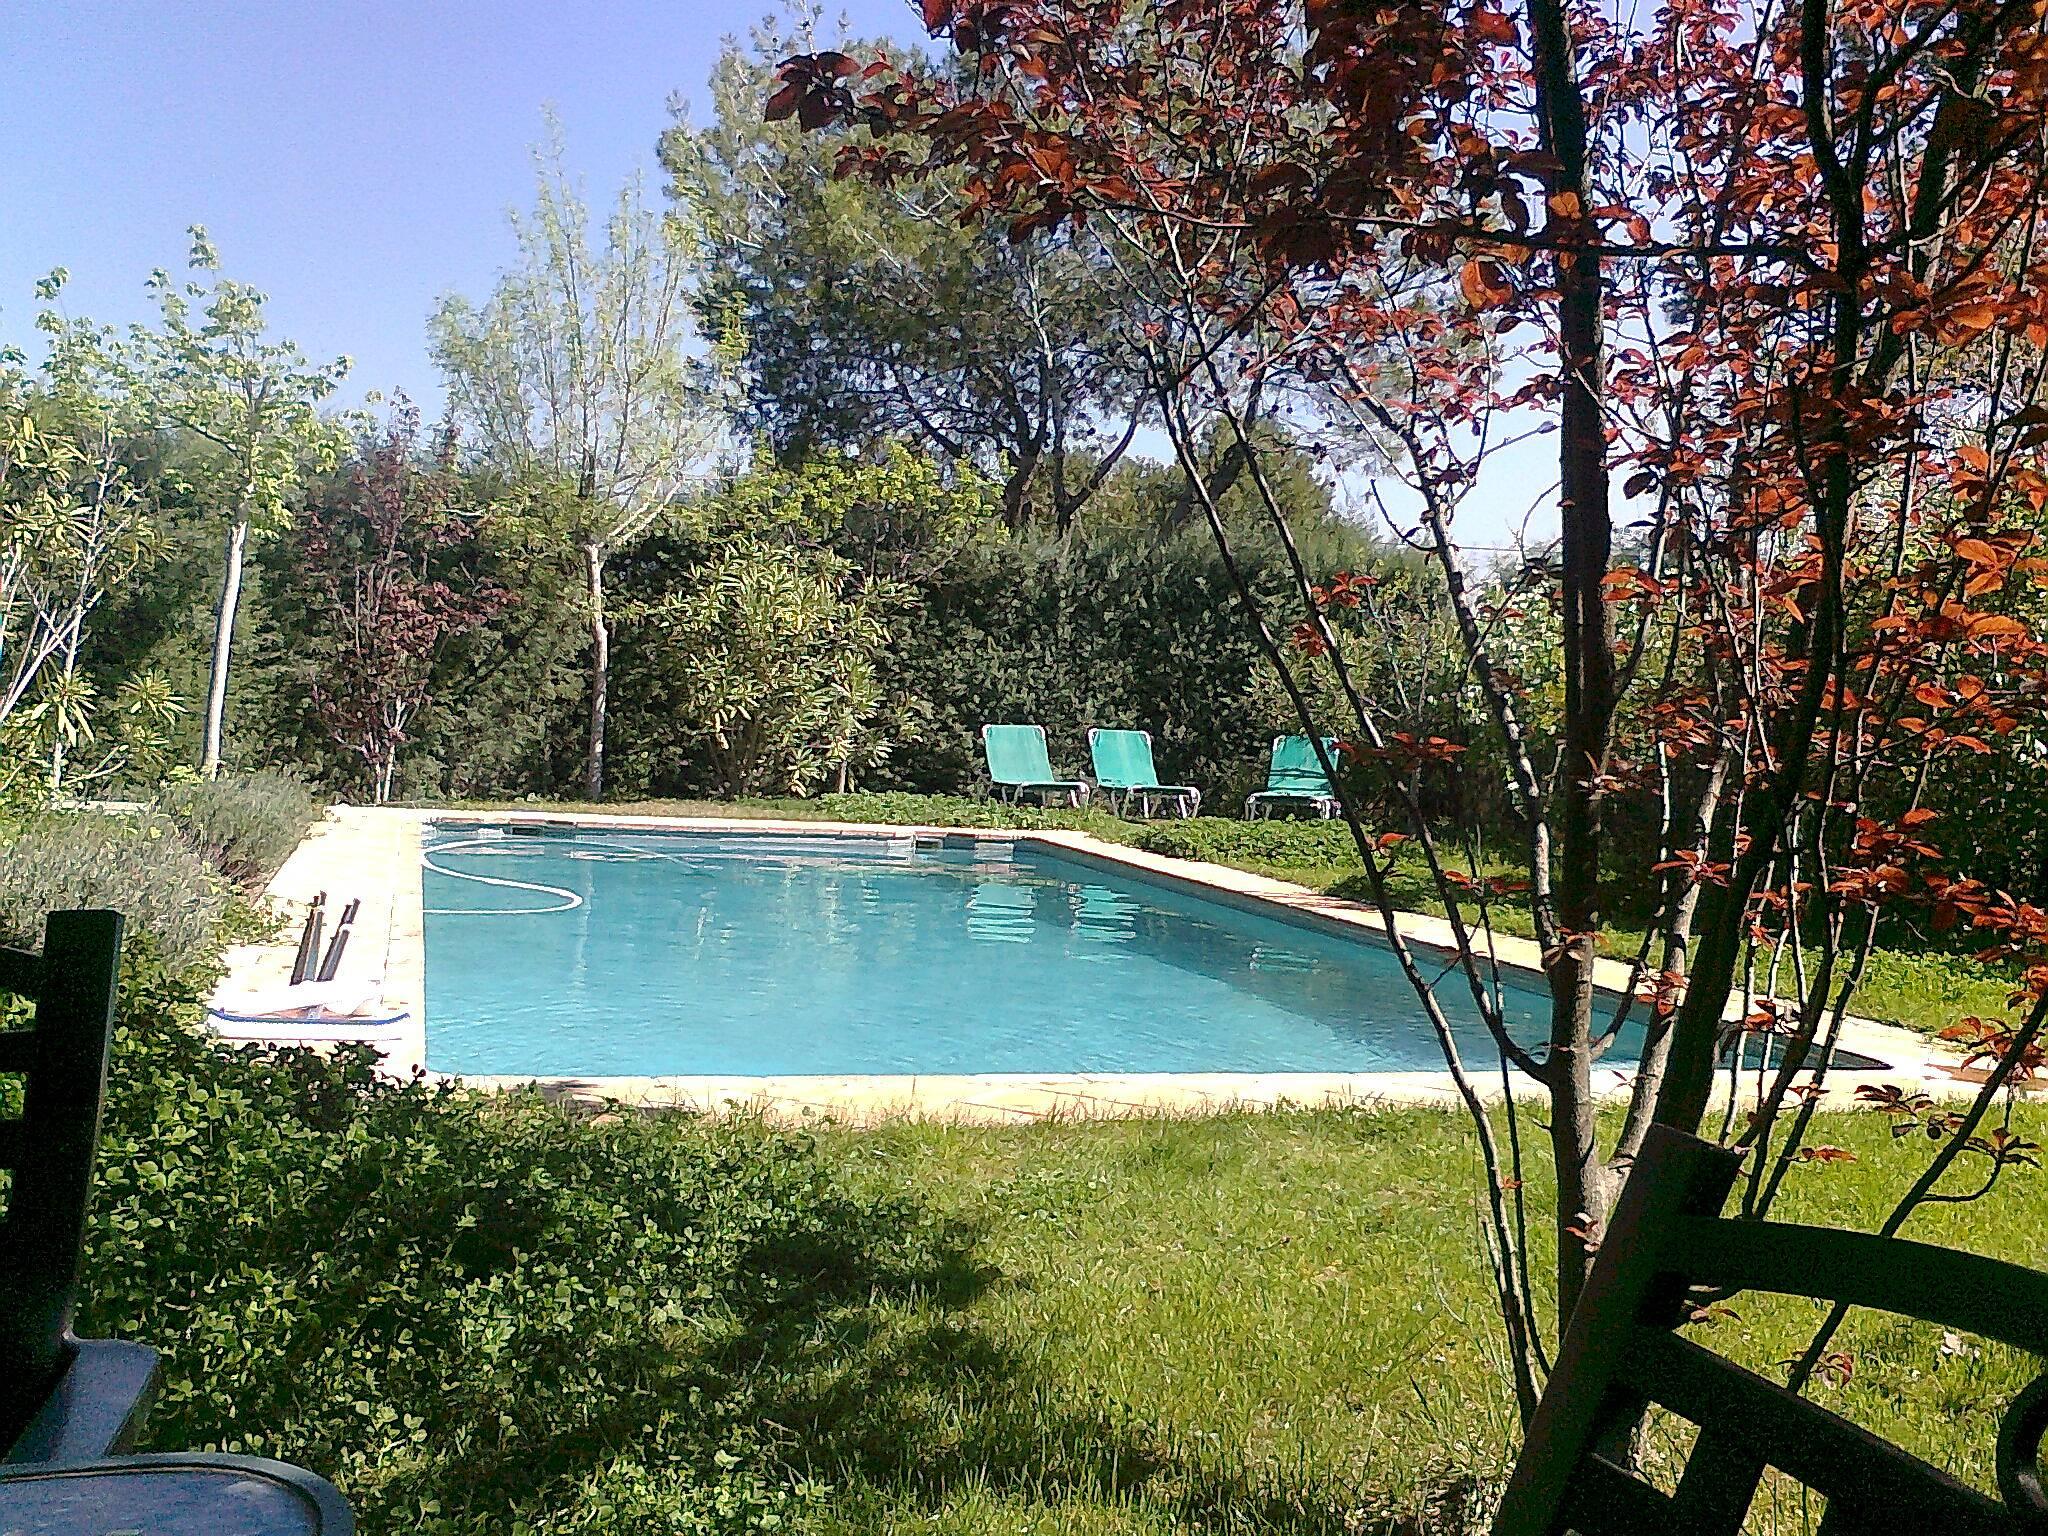 Villa con piscina privada en urb el bosque el bosque villaviciosa de od n madrid - Piscina villaviciosa de odon ...